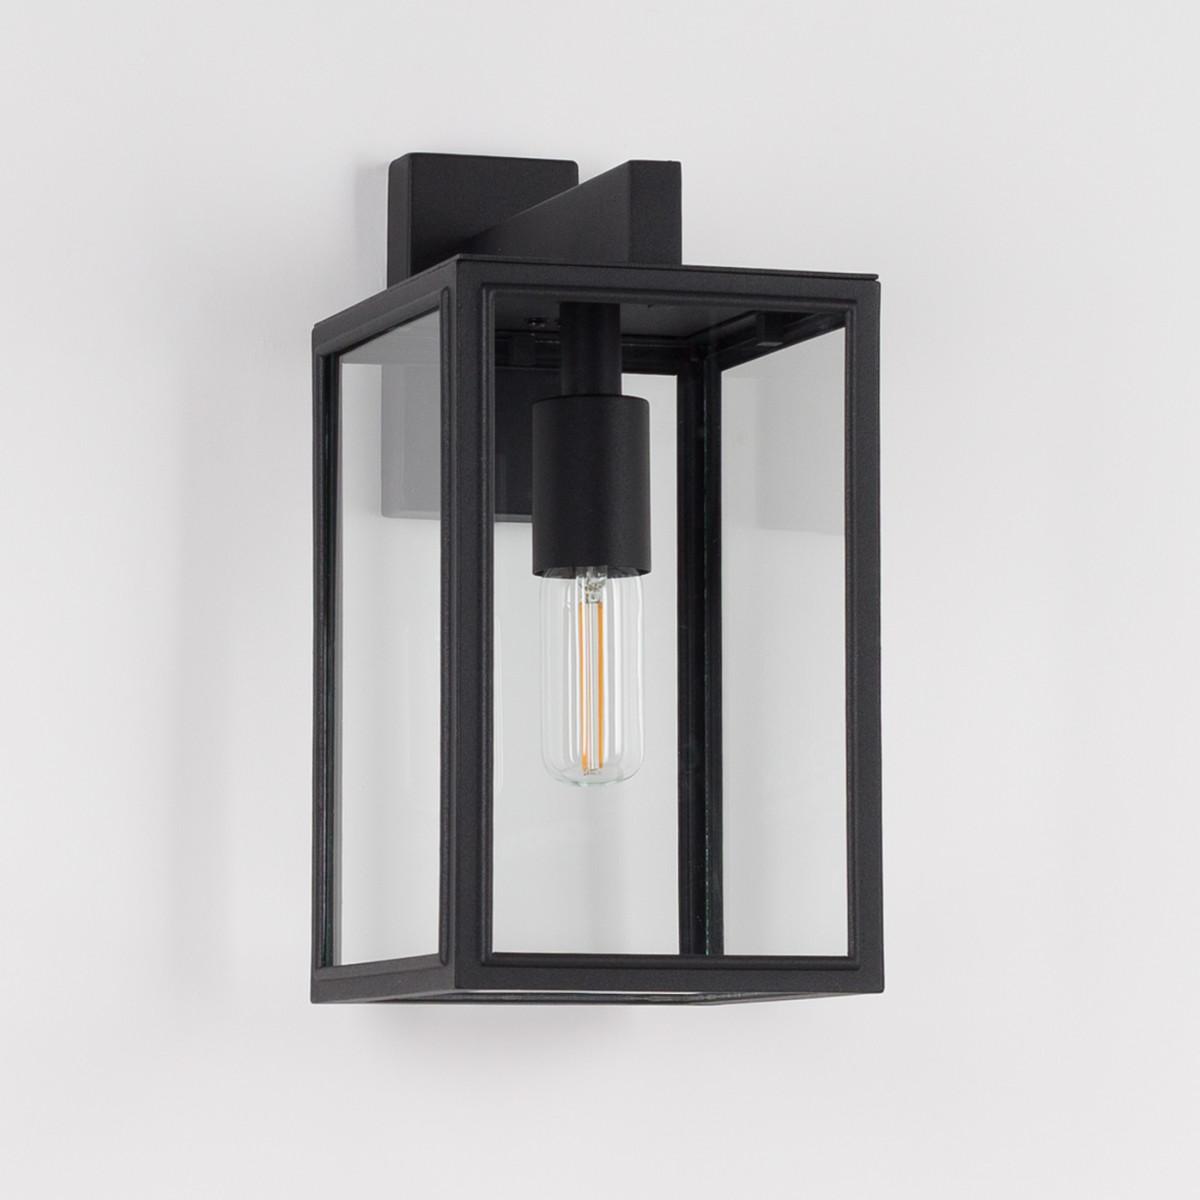 buiten lampen van KS Verlichting  - Soho buitenlamp  - buitenverlichting - RVS